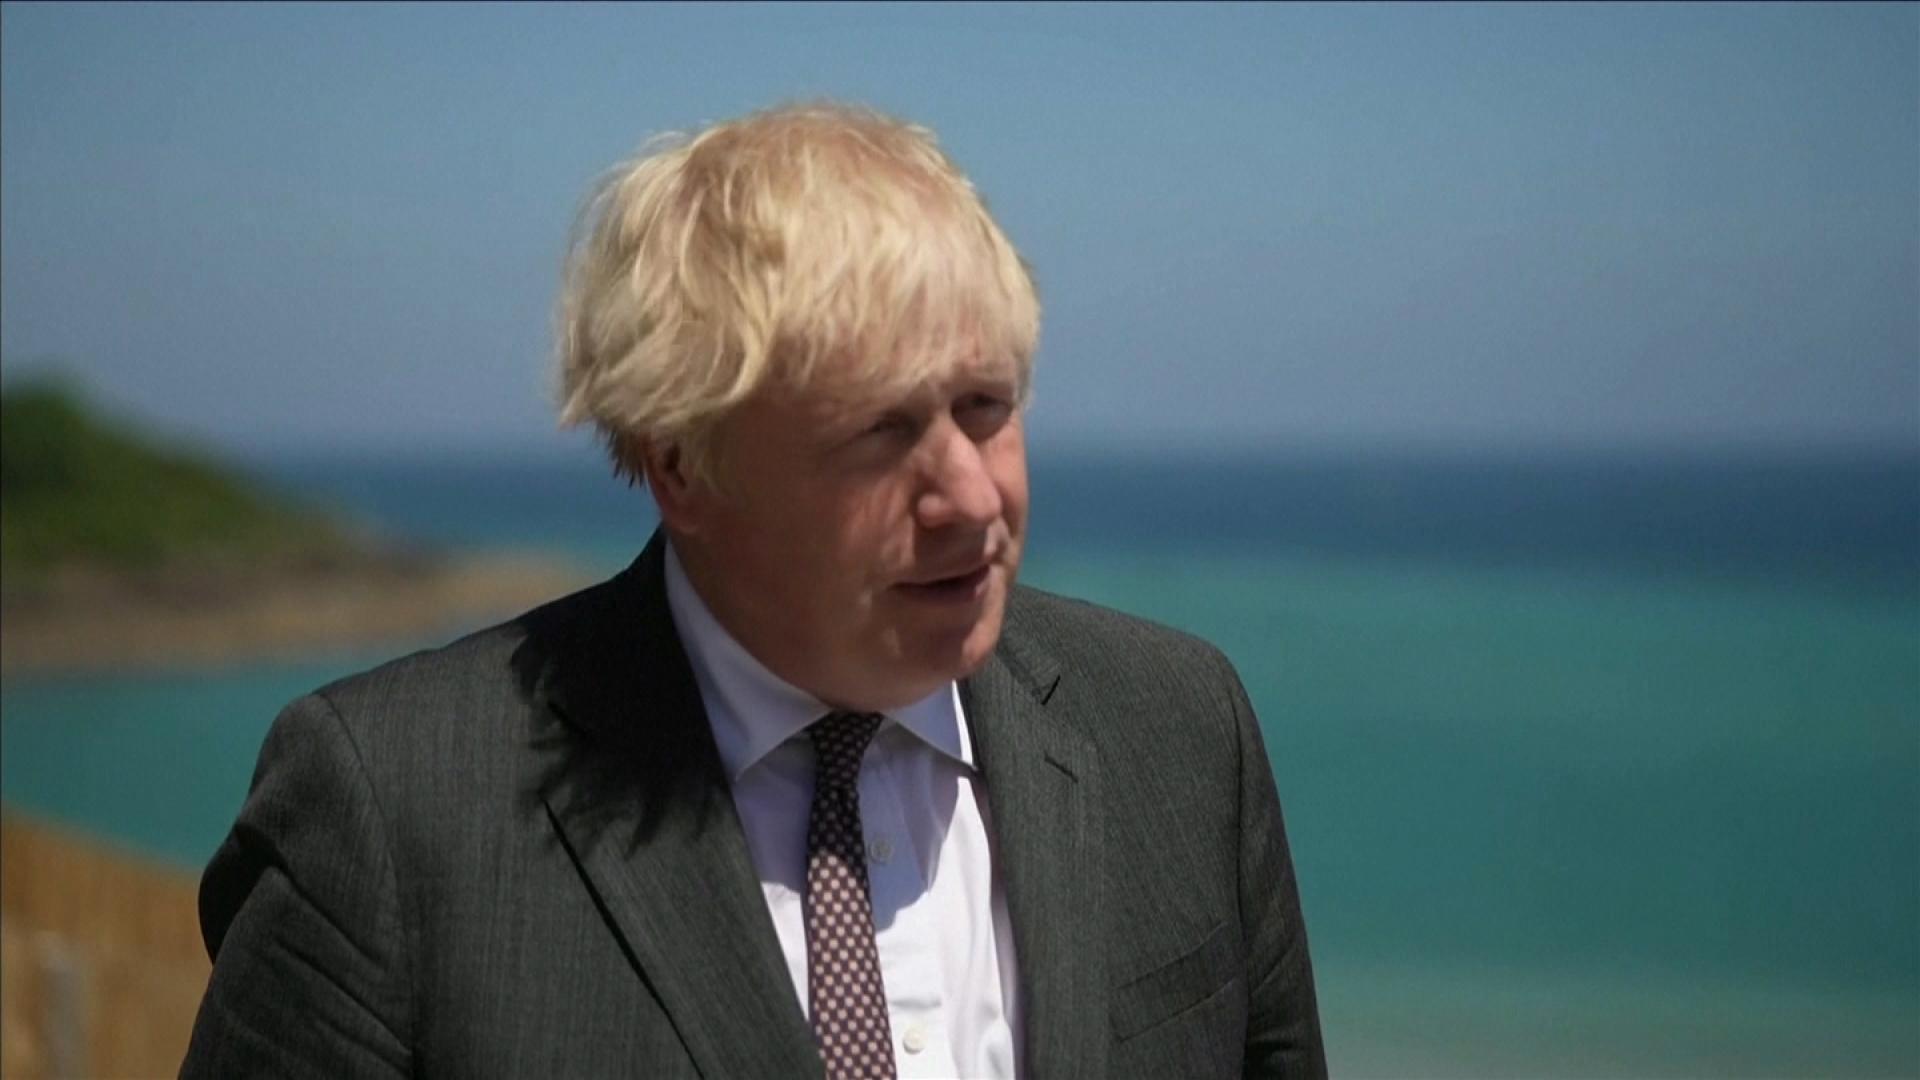 Boris+Johnson%3A+%26%238220%3BEstam+mirant+d%27estendre+el+marge+perqu%C3%A8+la+gent+major+tengui+suficient+protecci%C3%B3+amb+la+vacuna%26%238221%3B